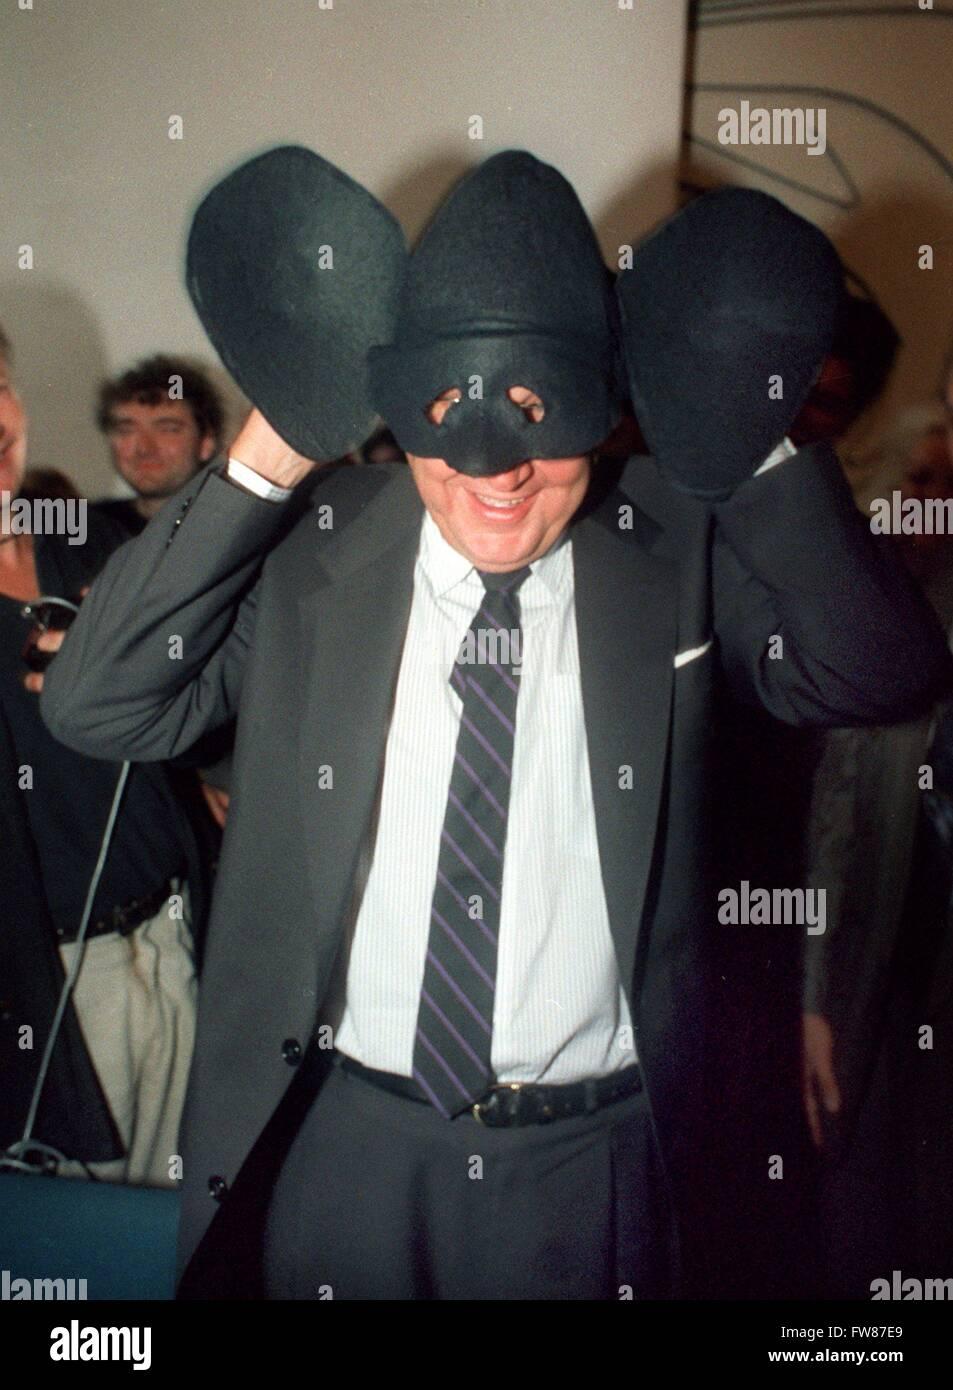 Le ministre des Affaires étrangères, Hans-Dietrich Genscher est heureux de porter un masque de 'Genschman' avec des oreilles surdimensionnées sur le 23 septembre en 1989 dans la Villa Hammerschmidt à Bonn. Il a reçu le masque comme un présent de son fanclub. Banque D'Images